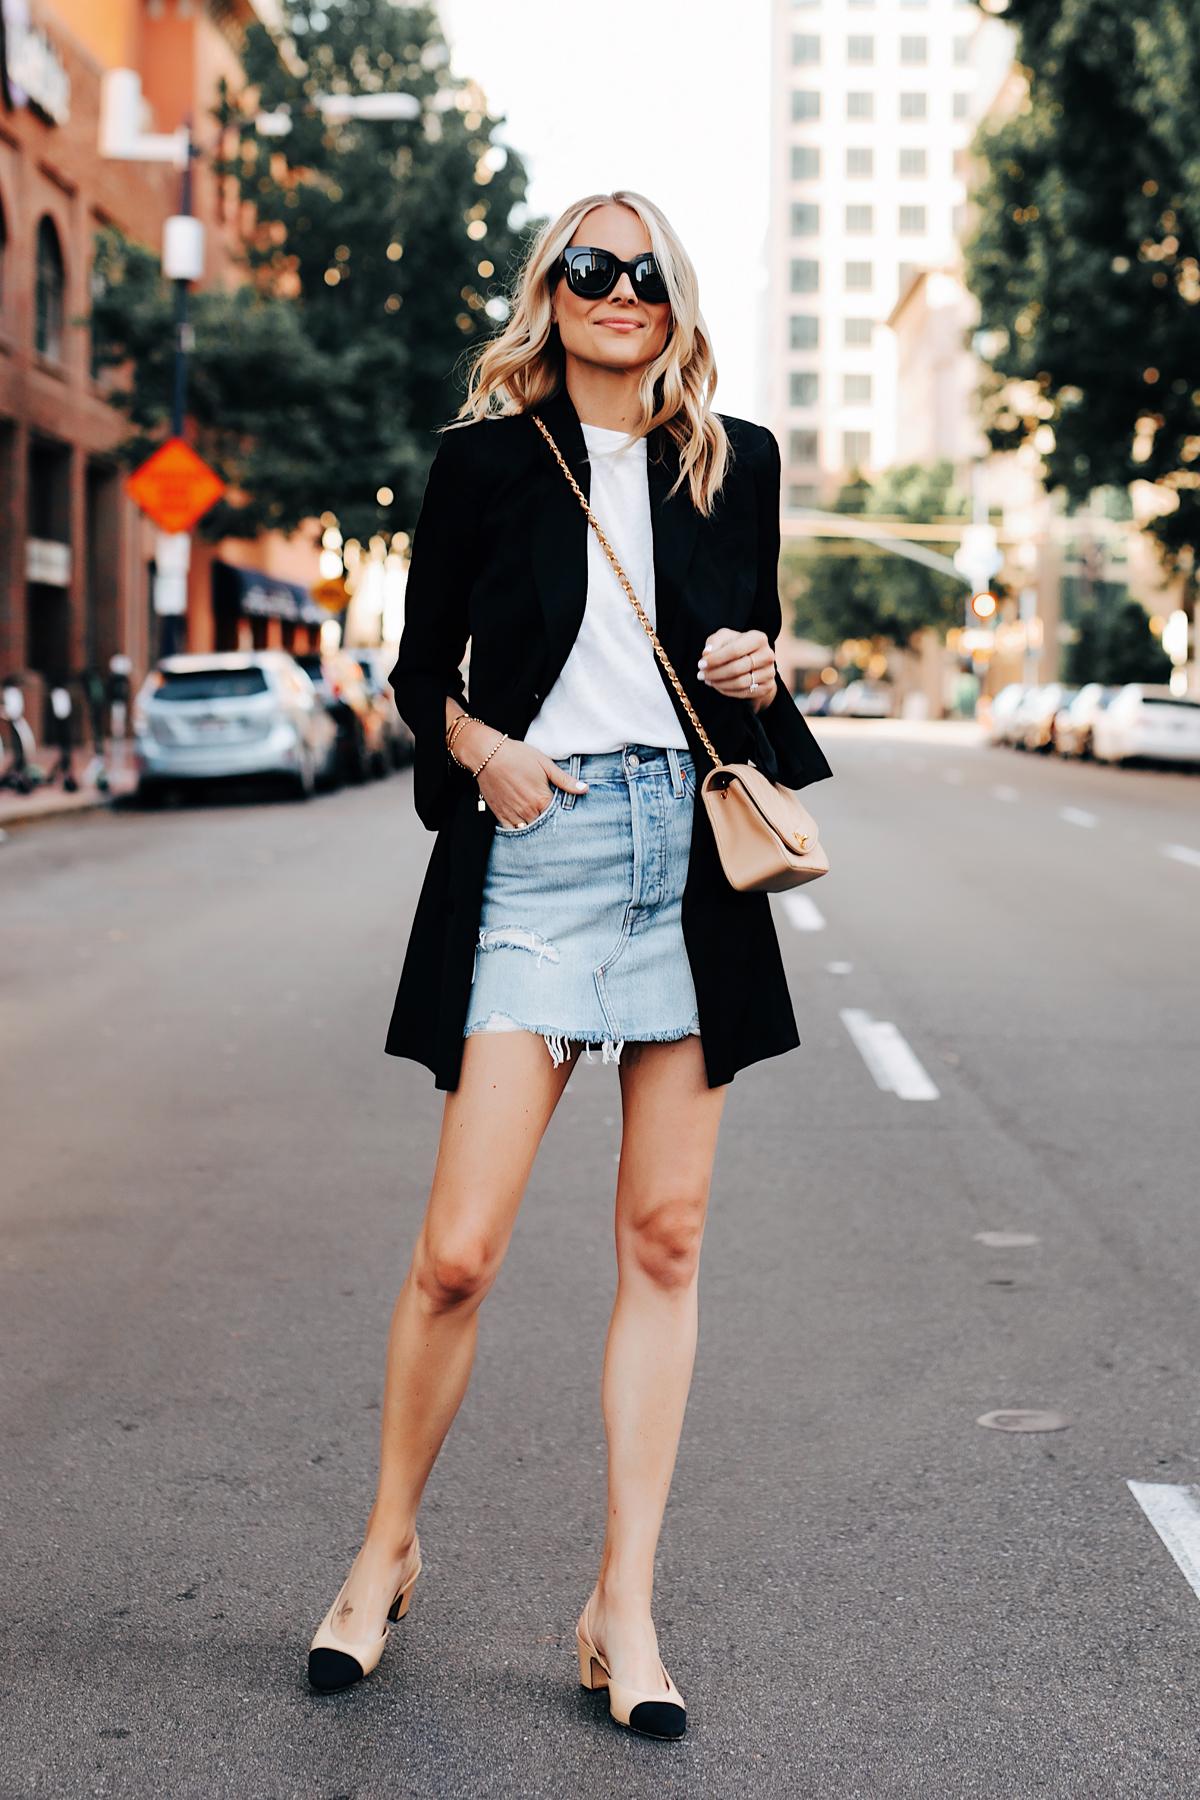 Fashion Jackson Wearing Anine Bing Black Blazer White Tshirt Levis Denim Skirt Chanel Beige Handbag Chanel Slingbacks 2